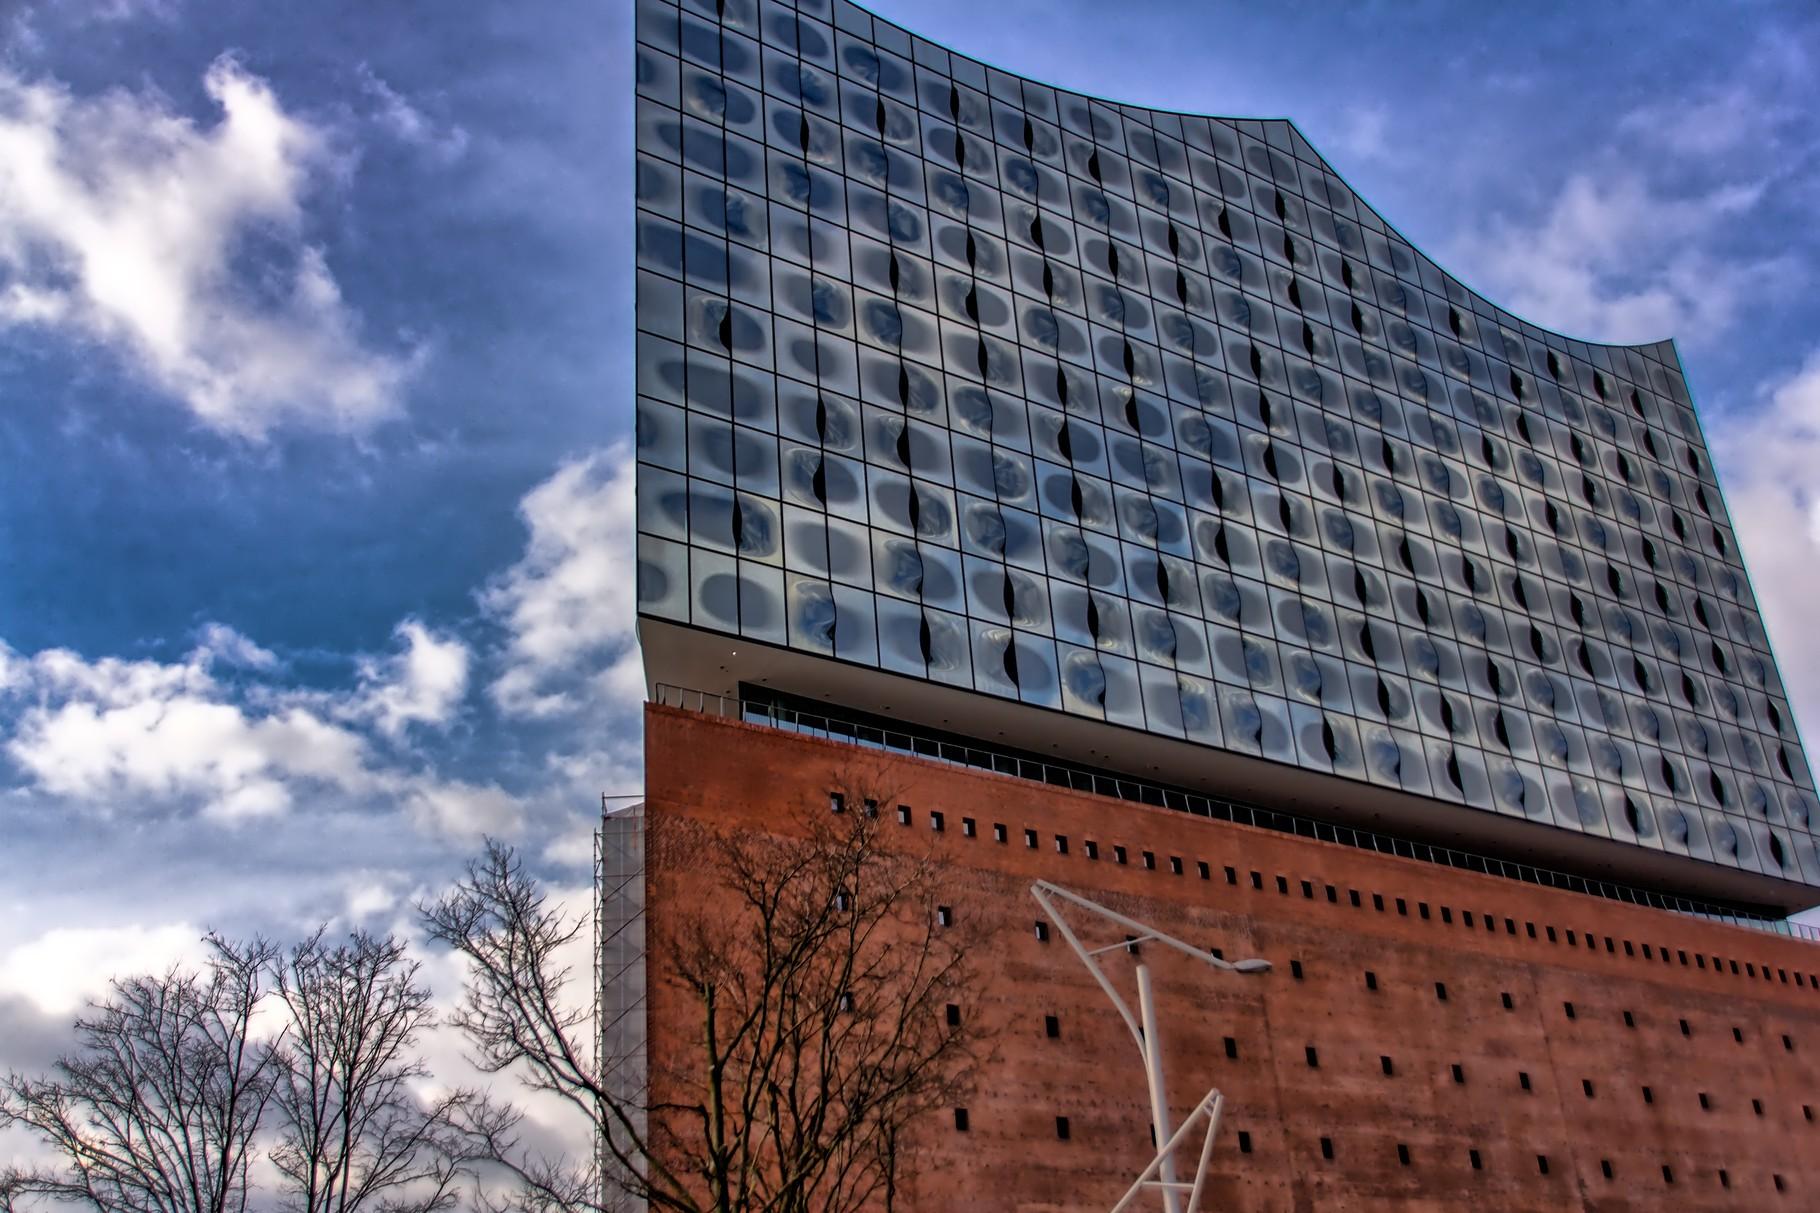 04_Hamburg - Elbphilharmonie.